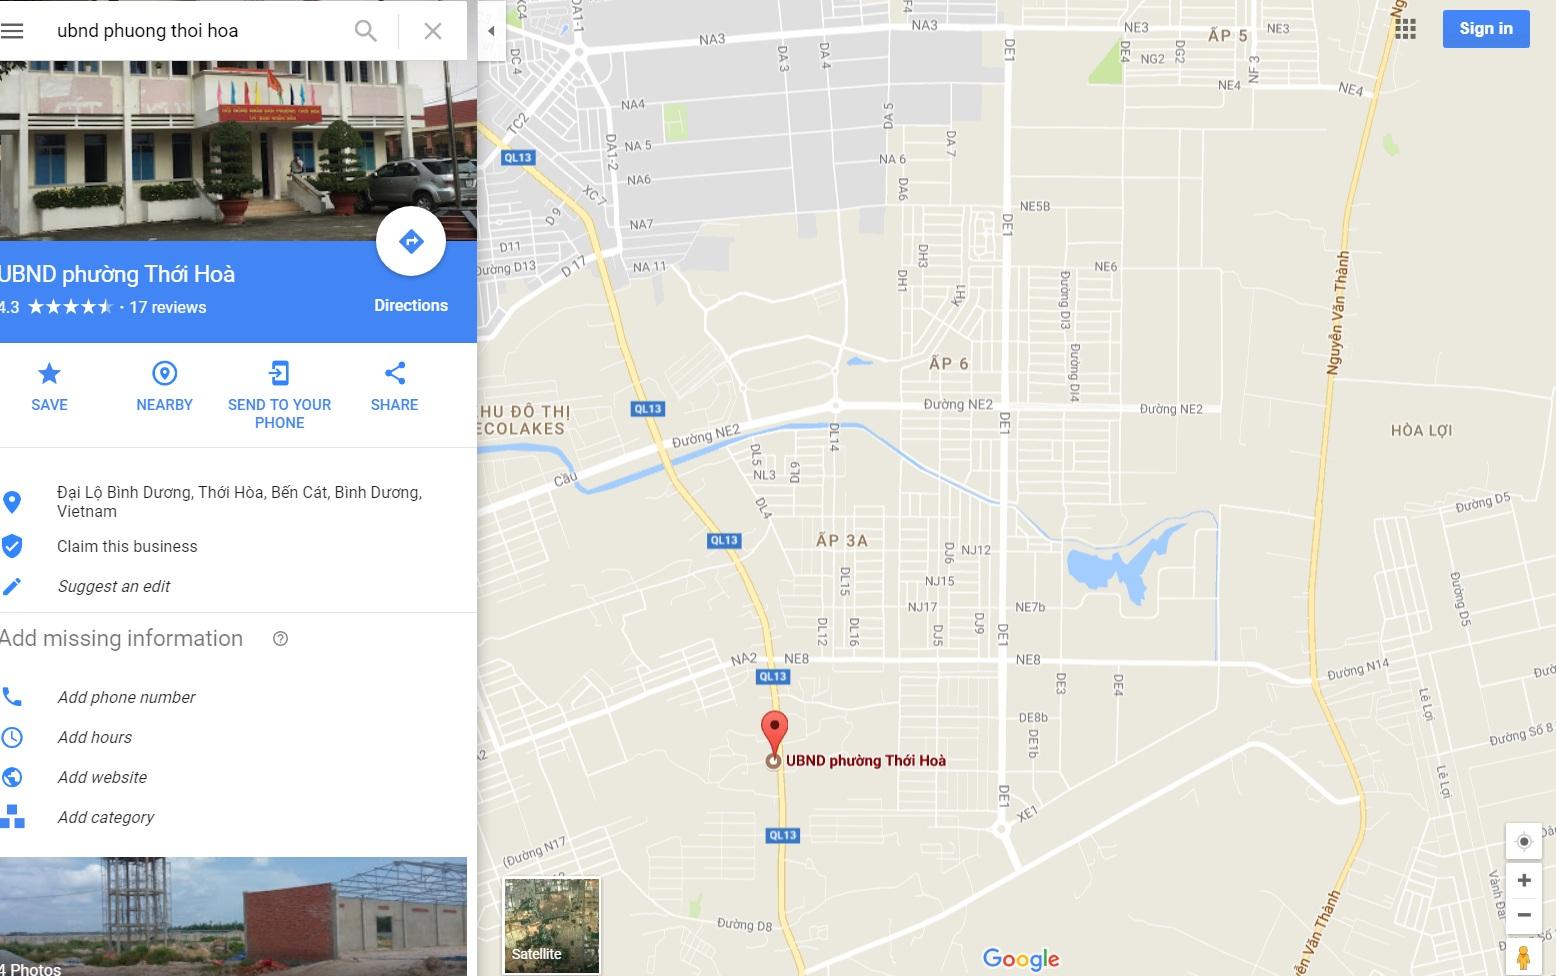 UBND phường Thới Hòa, thị xã Bến cát, Bình Dương